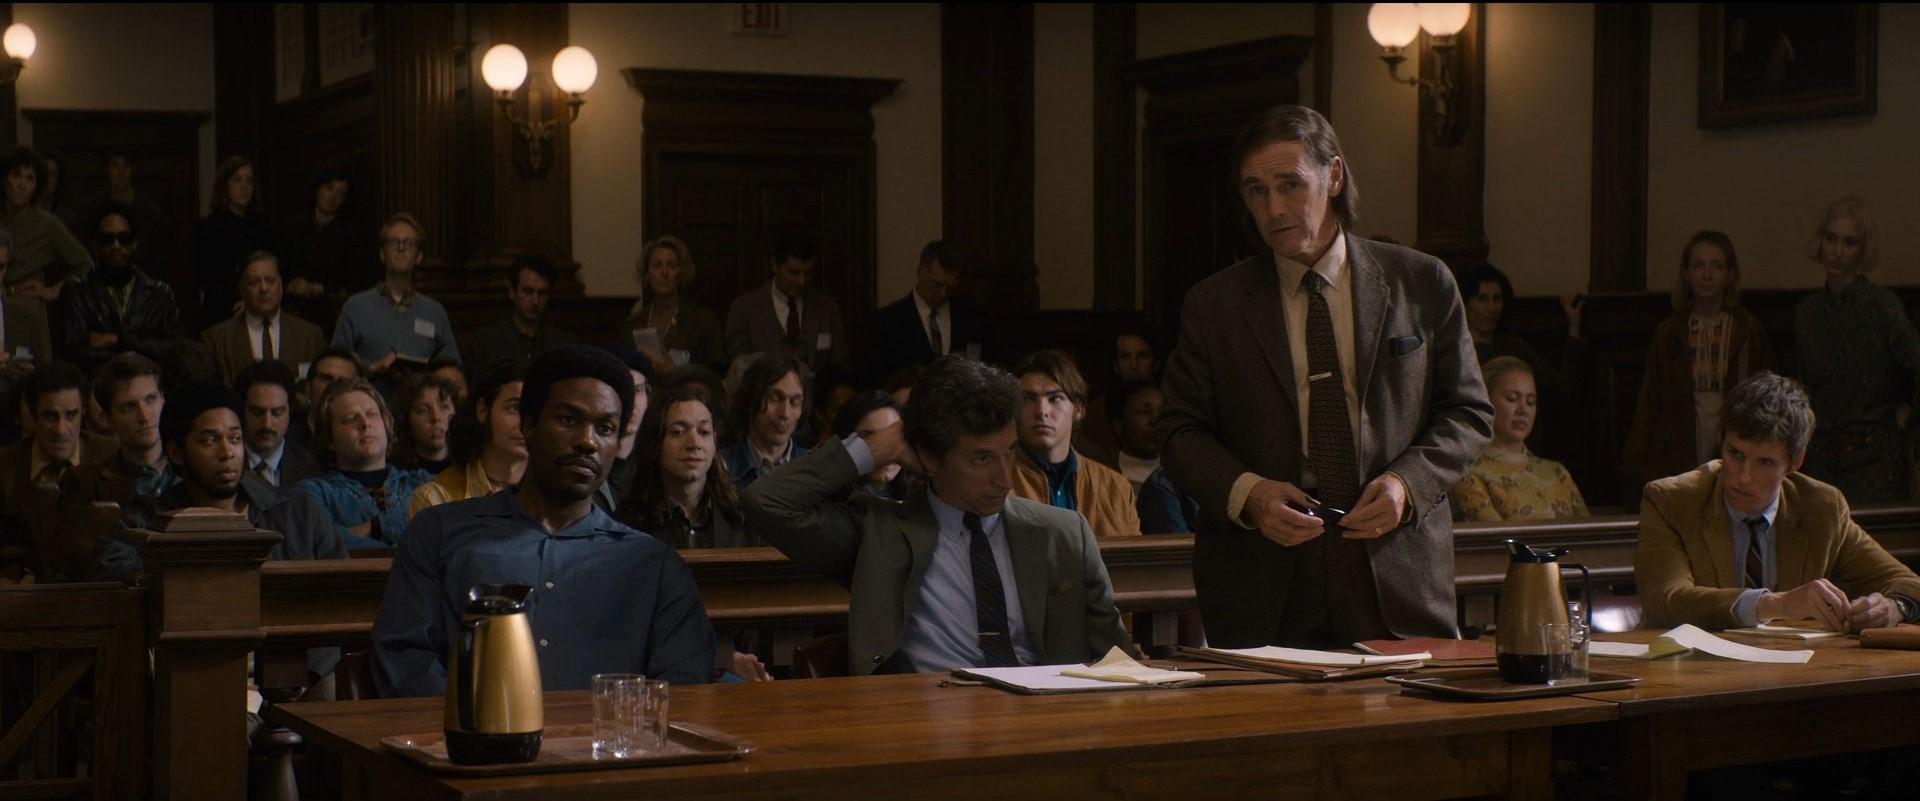 ویدئو / «محاکمه شیکاگو هفت»؛ روایتی از تاریخ معاصر آمریکا، هزارتویی از خردهداستانهای کنجکاویبرانگیز